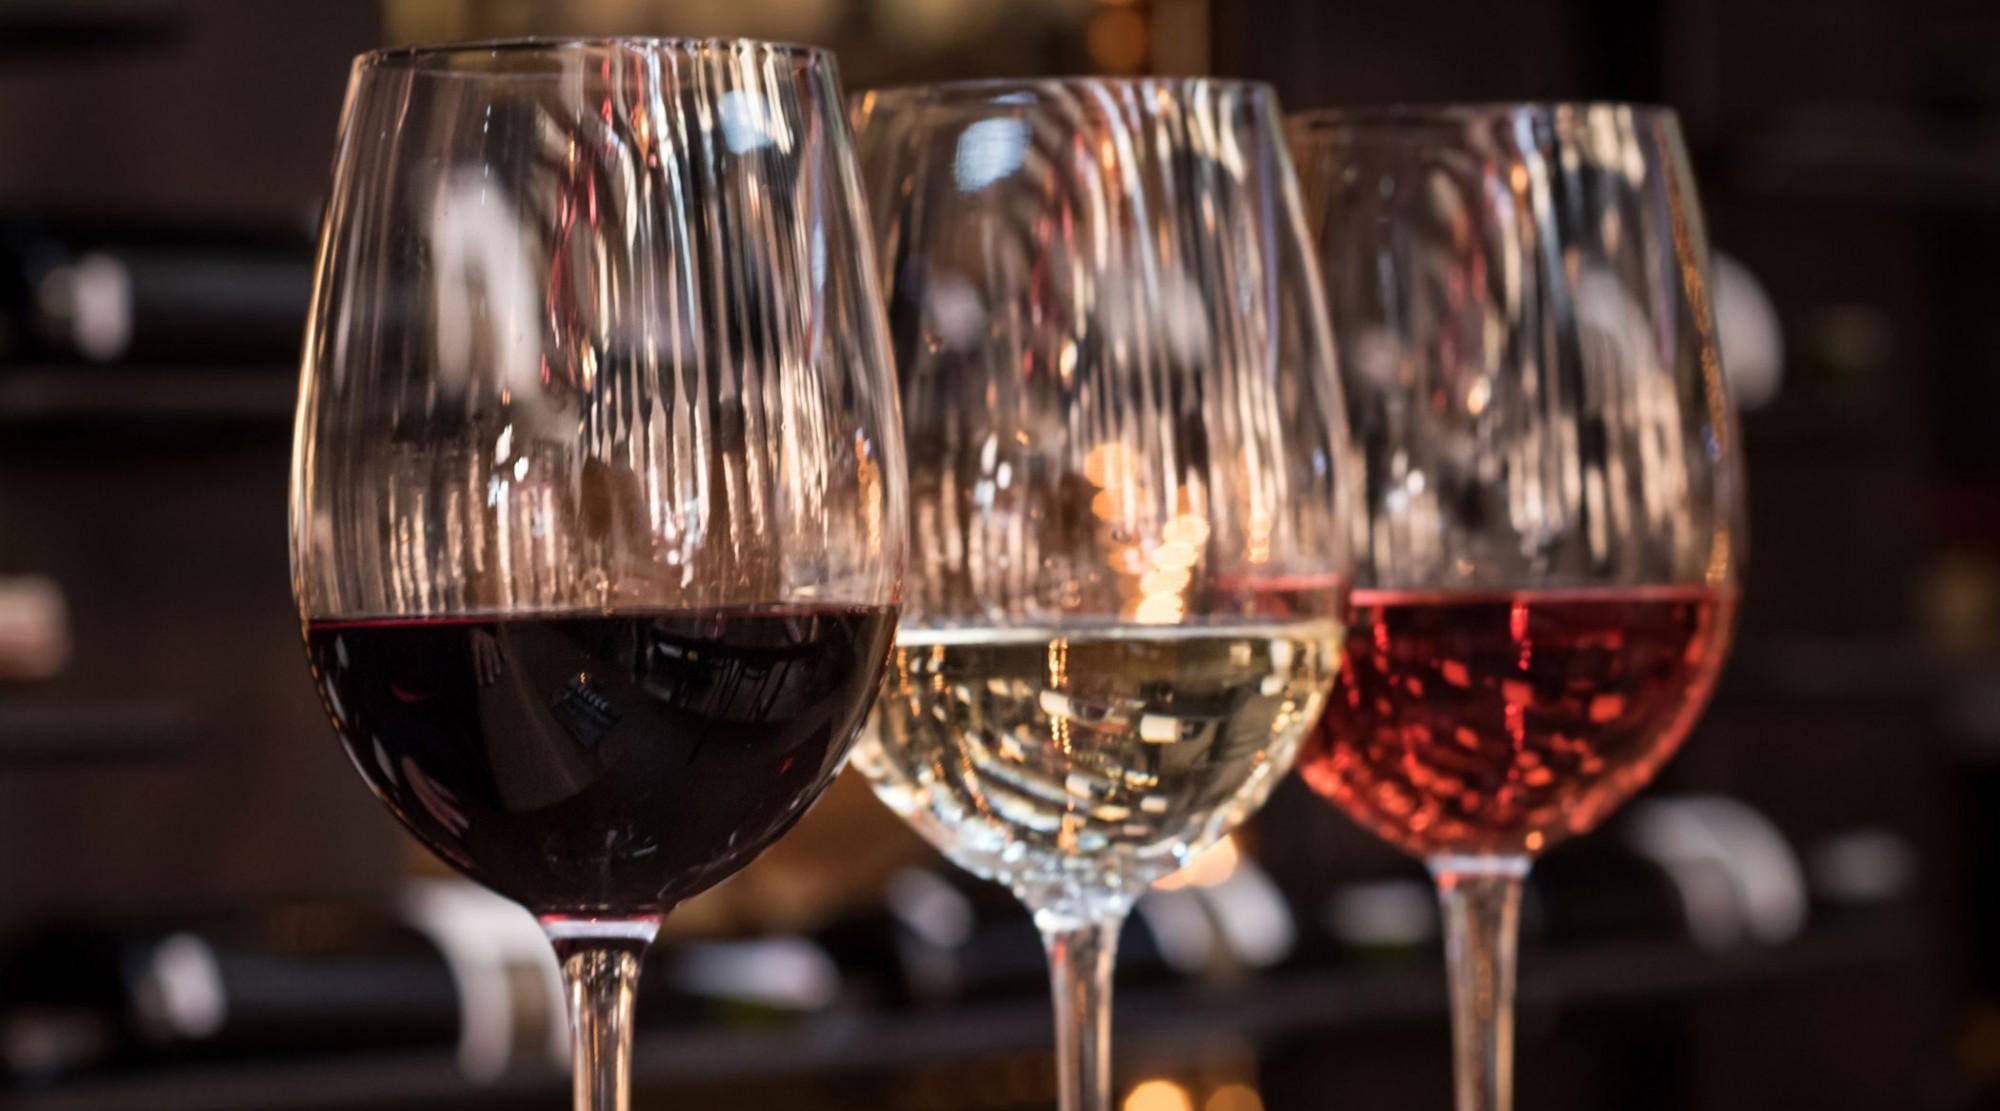 wine-glasses_andresr-iStock-GettyImagesPlus-468917818-LEDE.jpg